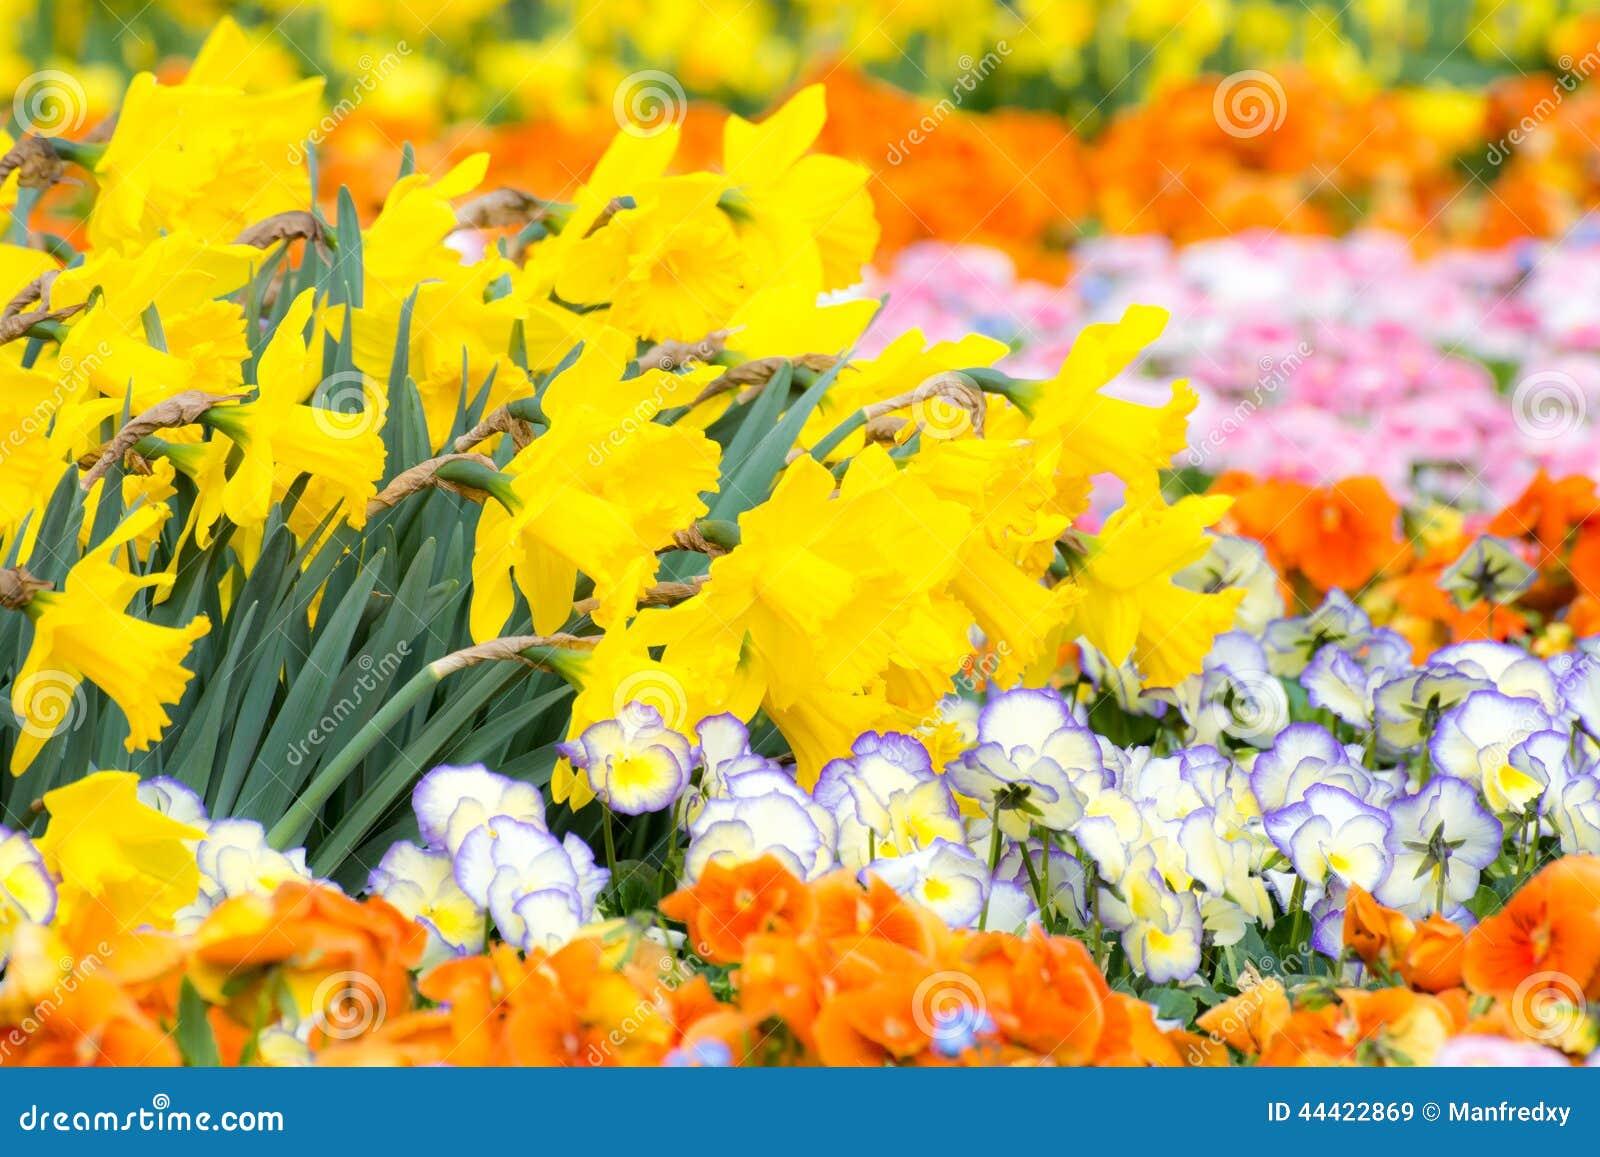 lit de fleur magnifique photo stock - image: 44422869